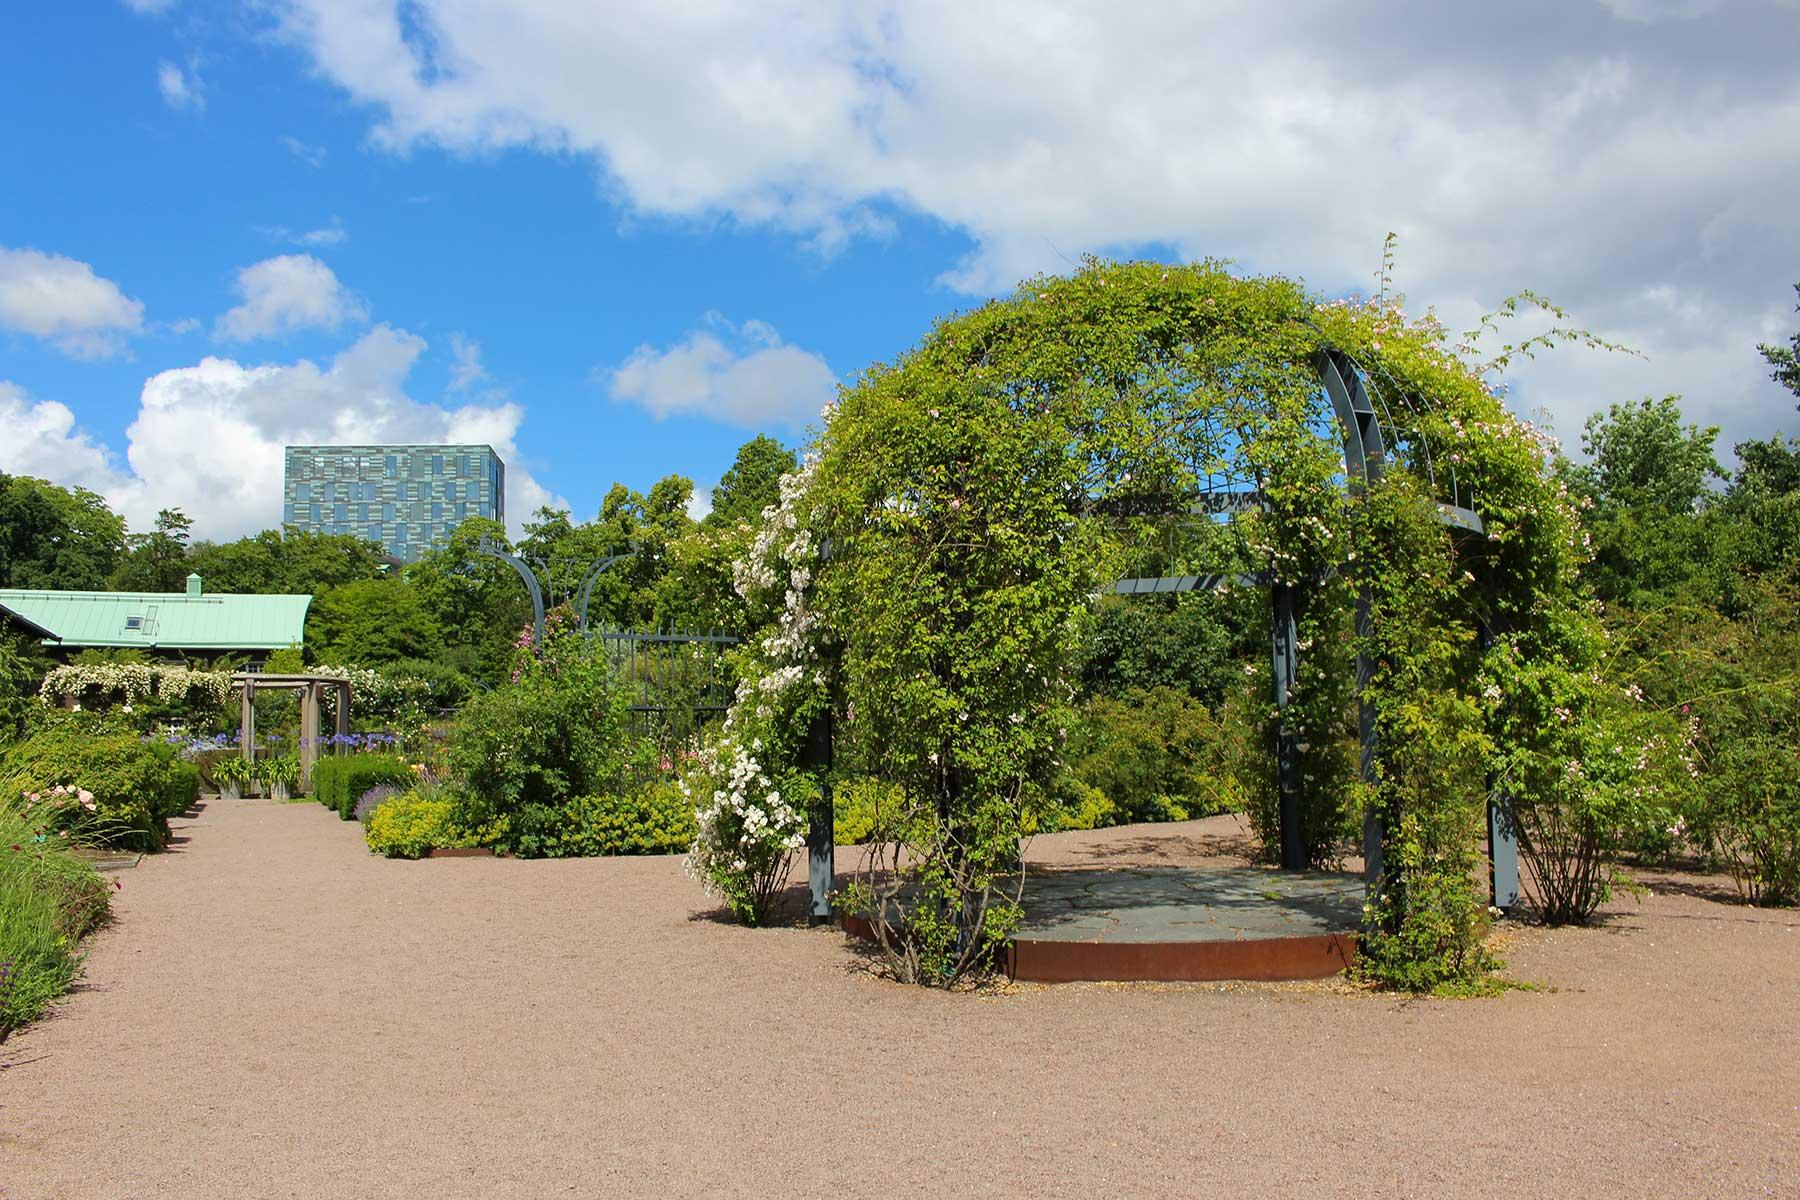 garden-society-gothenburg-12